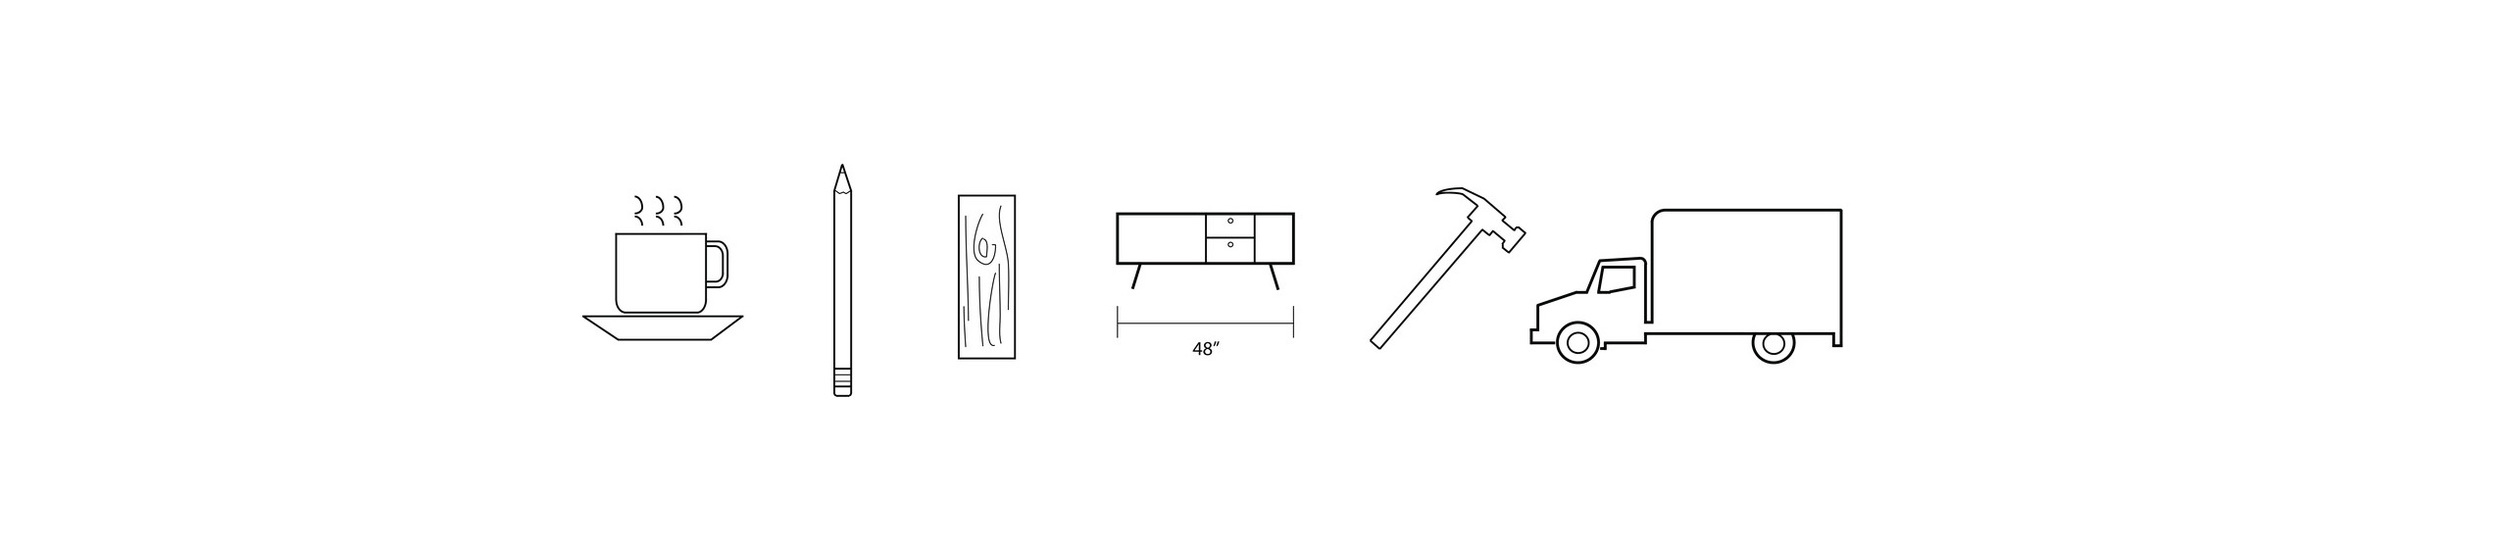 illustrator_images1-06.jpg